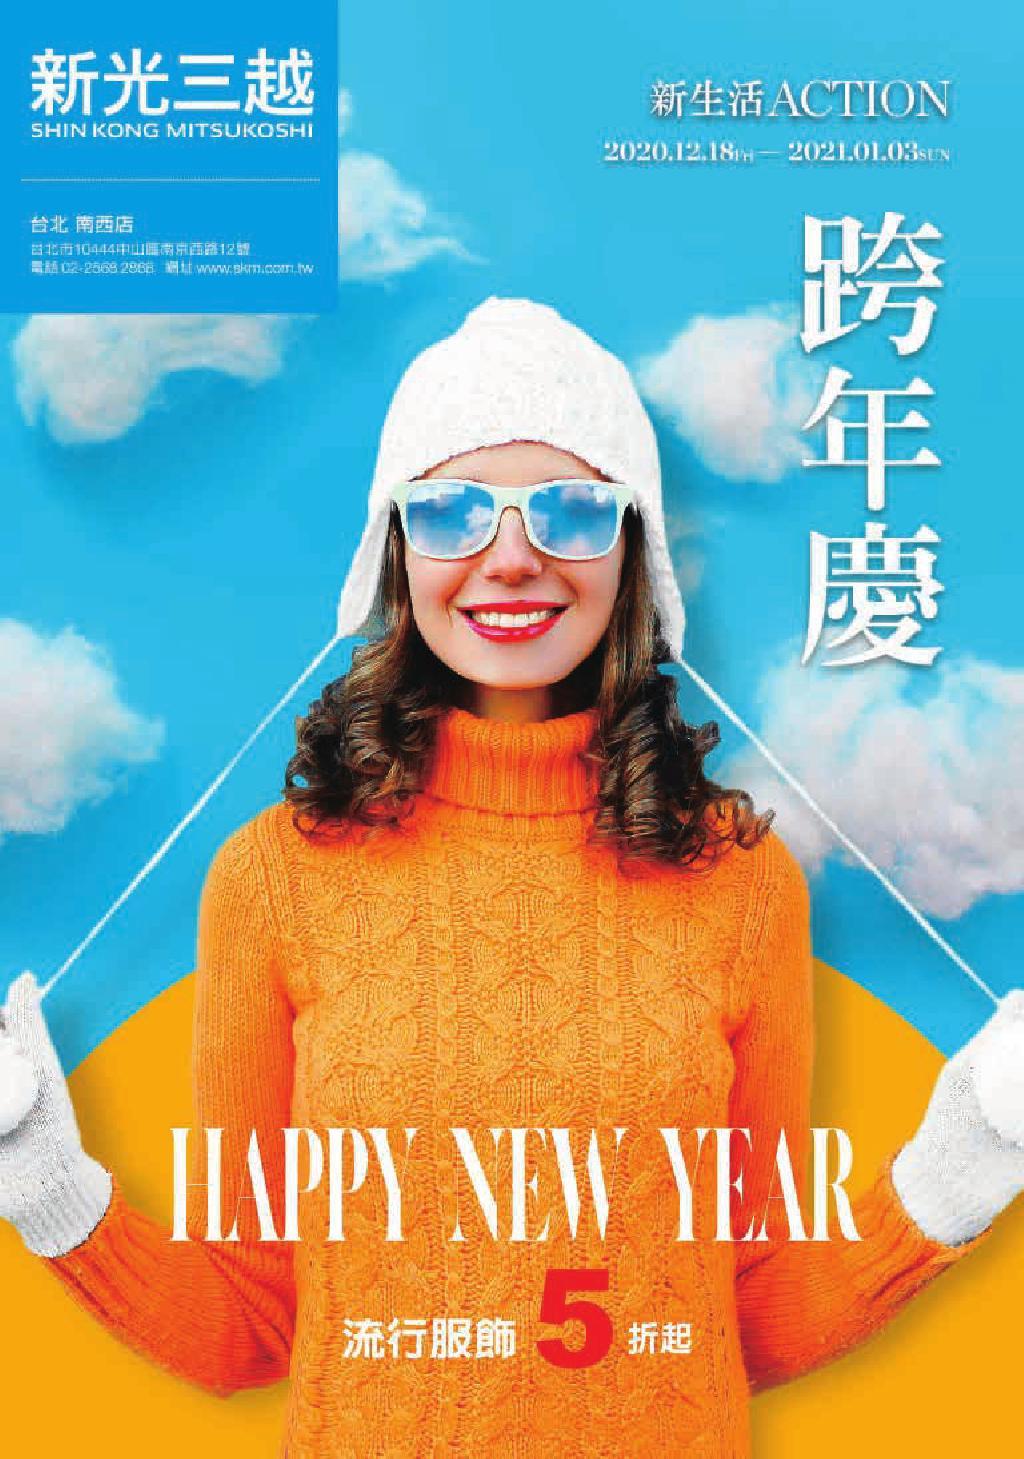 新光三越《台北南西店》DM 2020》2021 跨年慶 【2021/1/3 止】